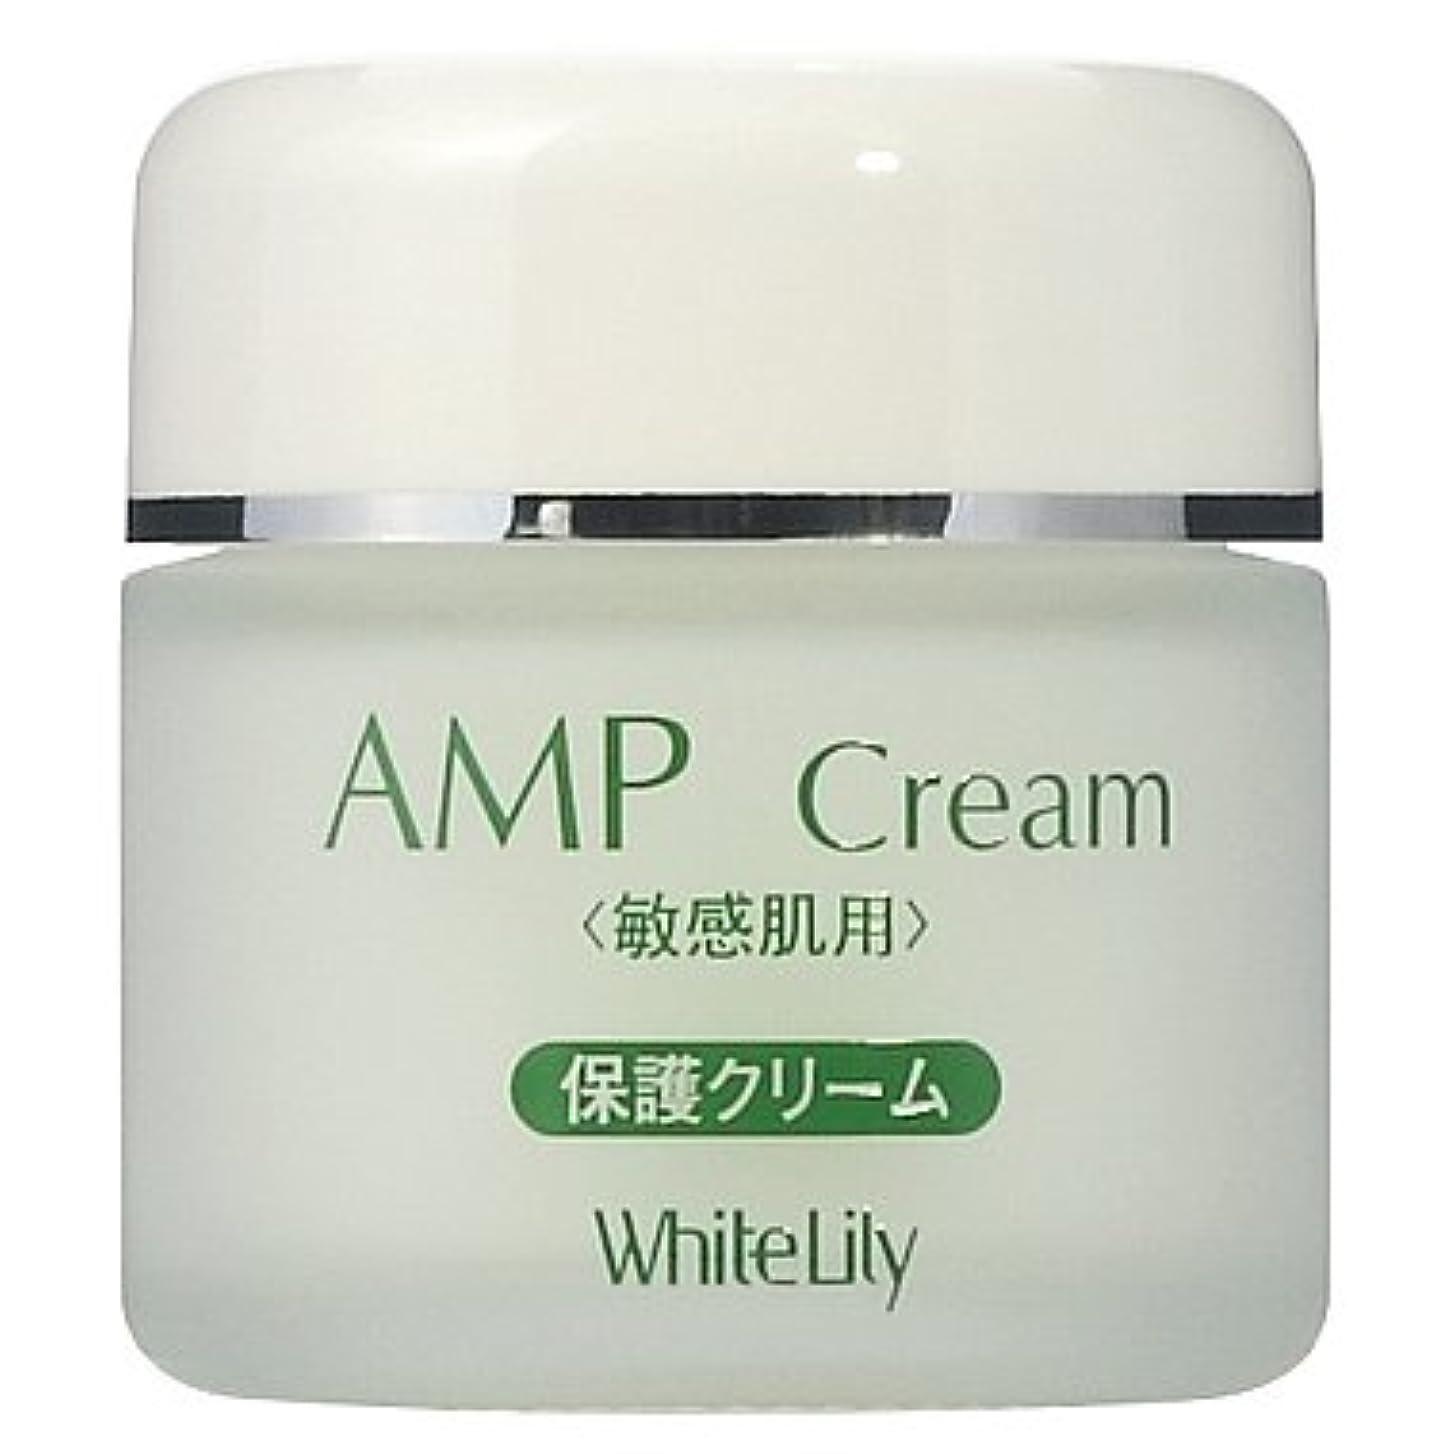 チェリー宇宙含意ホワイトリリー AMPクリーム 40g クリーム